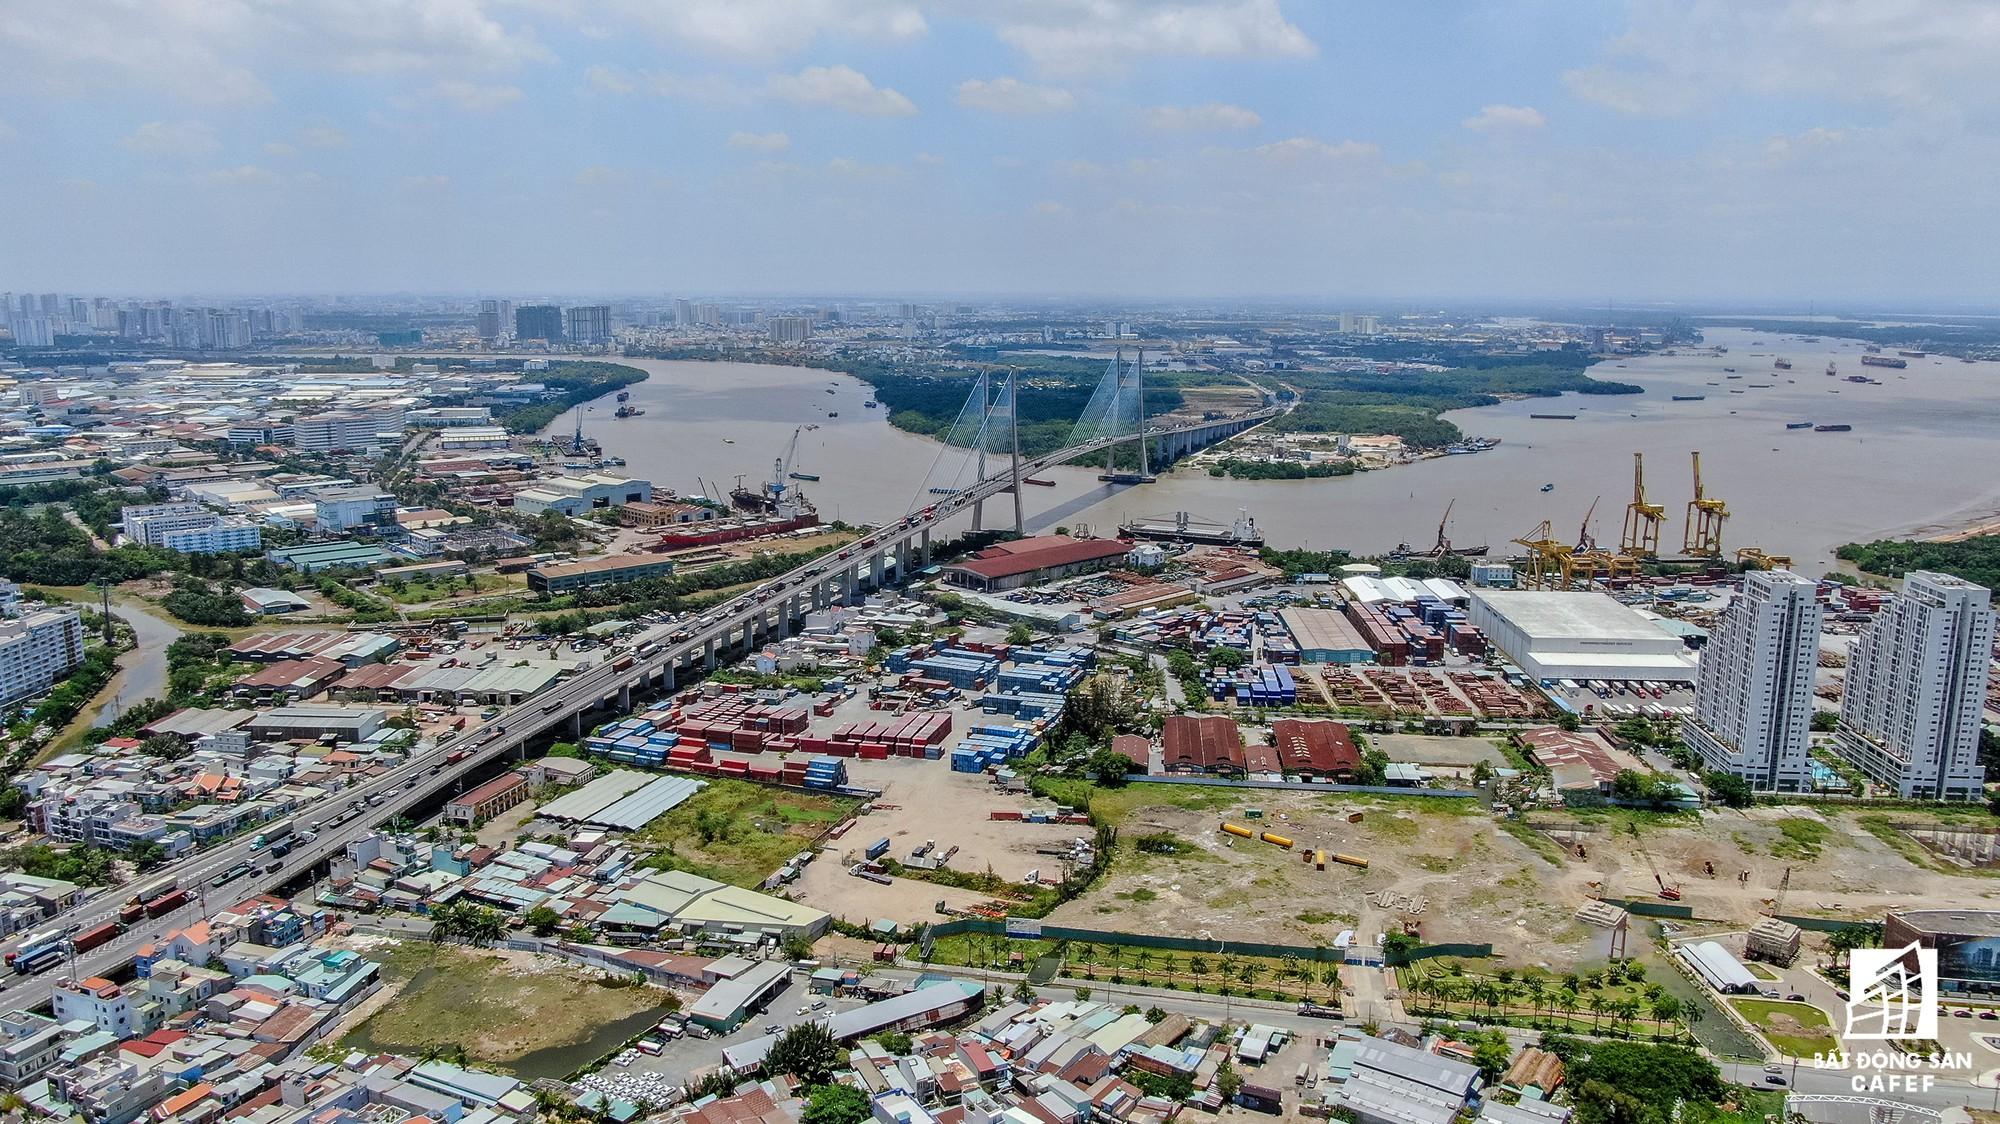 Diện mạo hai bờ sông Sài Gòn tương lai nhìn từ loạt siêu dự án tỷ đô, khu vực trung tâm giá nhà lên hơn 1 tỷ đồng/m2 - Ảnh 9. Diện mạo hai bờ sông Sài Gòn tương lai nhìn từ loạt siêu dự án tỷ đô, khu vực trung tâm giá nhà lên hơn 1 tỷ đồng/m2 Diện mạo hai bờ sông Sài Gòn tương lai nhìn từ loạt siêu dự án tỷ đô, khu vực trung tâm giá nhà lên hơn 1 tỷ đồng/m2 hinh 15 15682748859272020792631